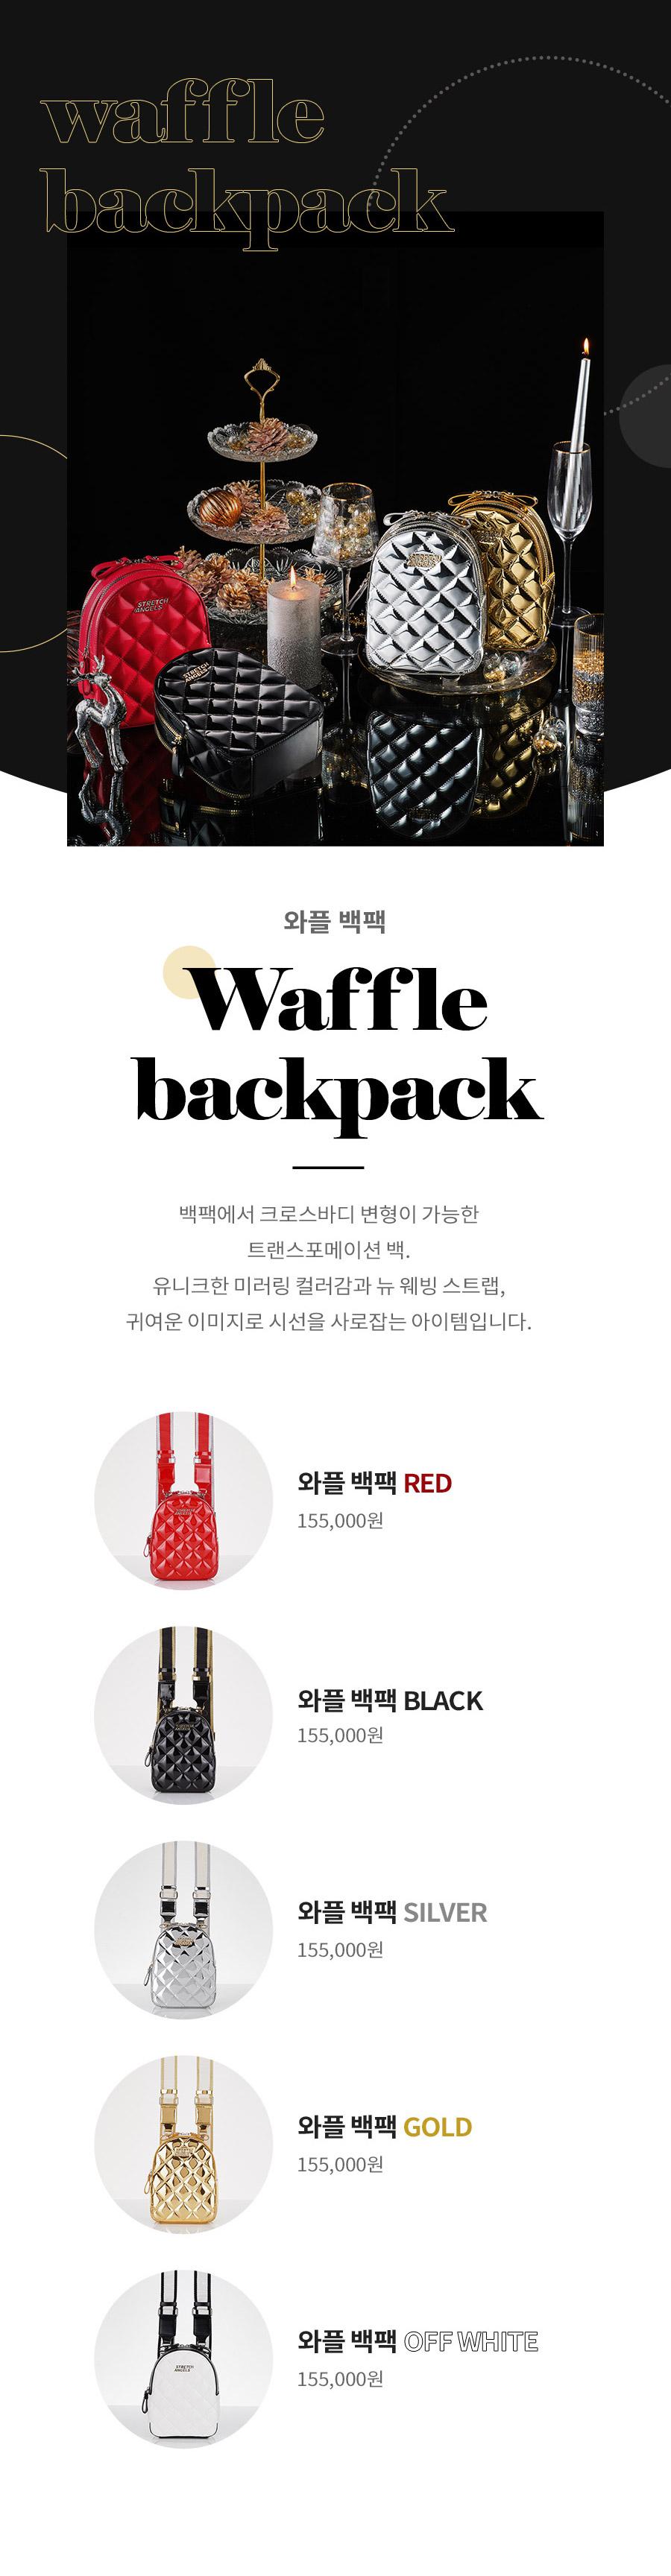 스트레치 엔젤스(STRETCH ANGELS) [파니니백] Waffle PANINI backpack (Off white)